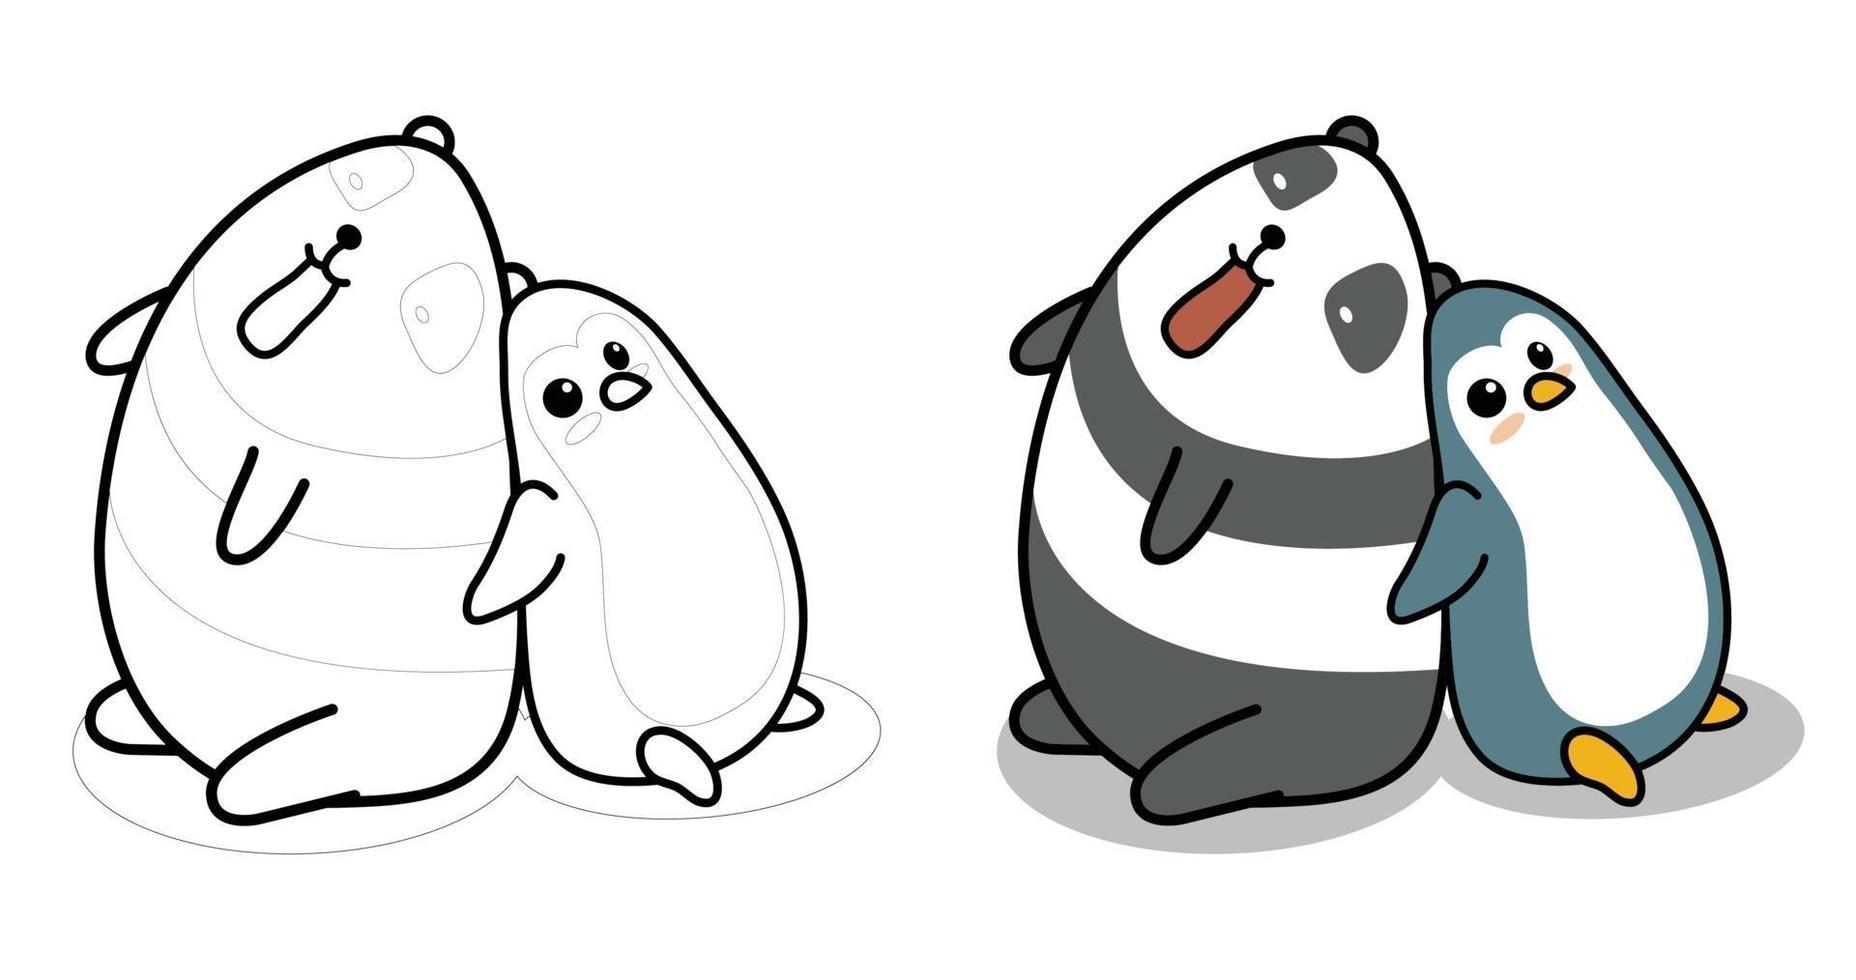 panda och pingvin tecknad målarbok för barn vektor